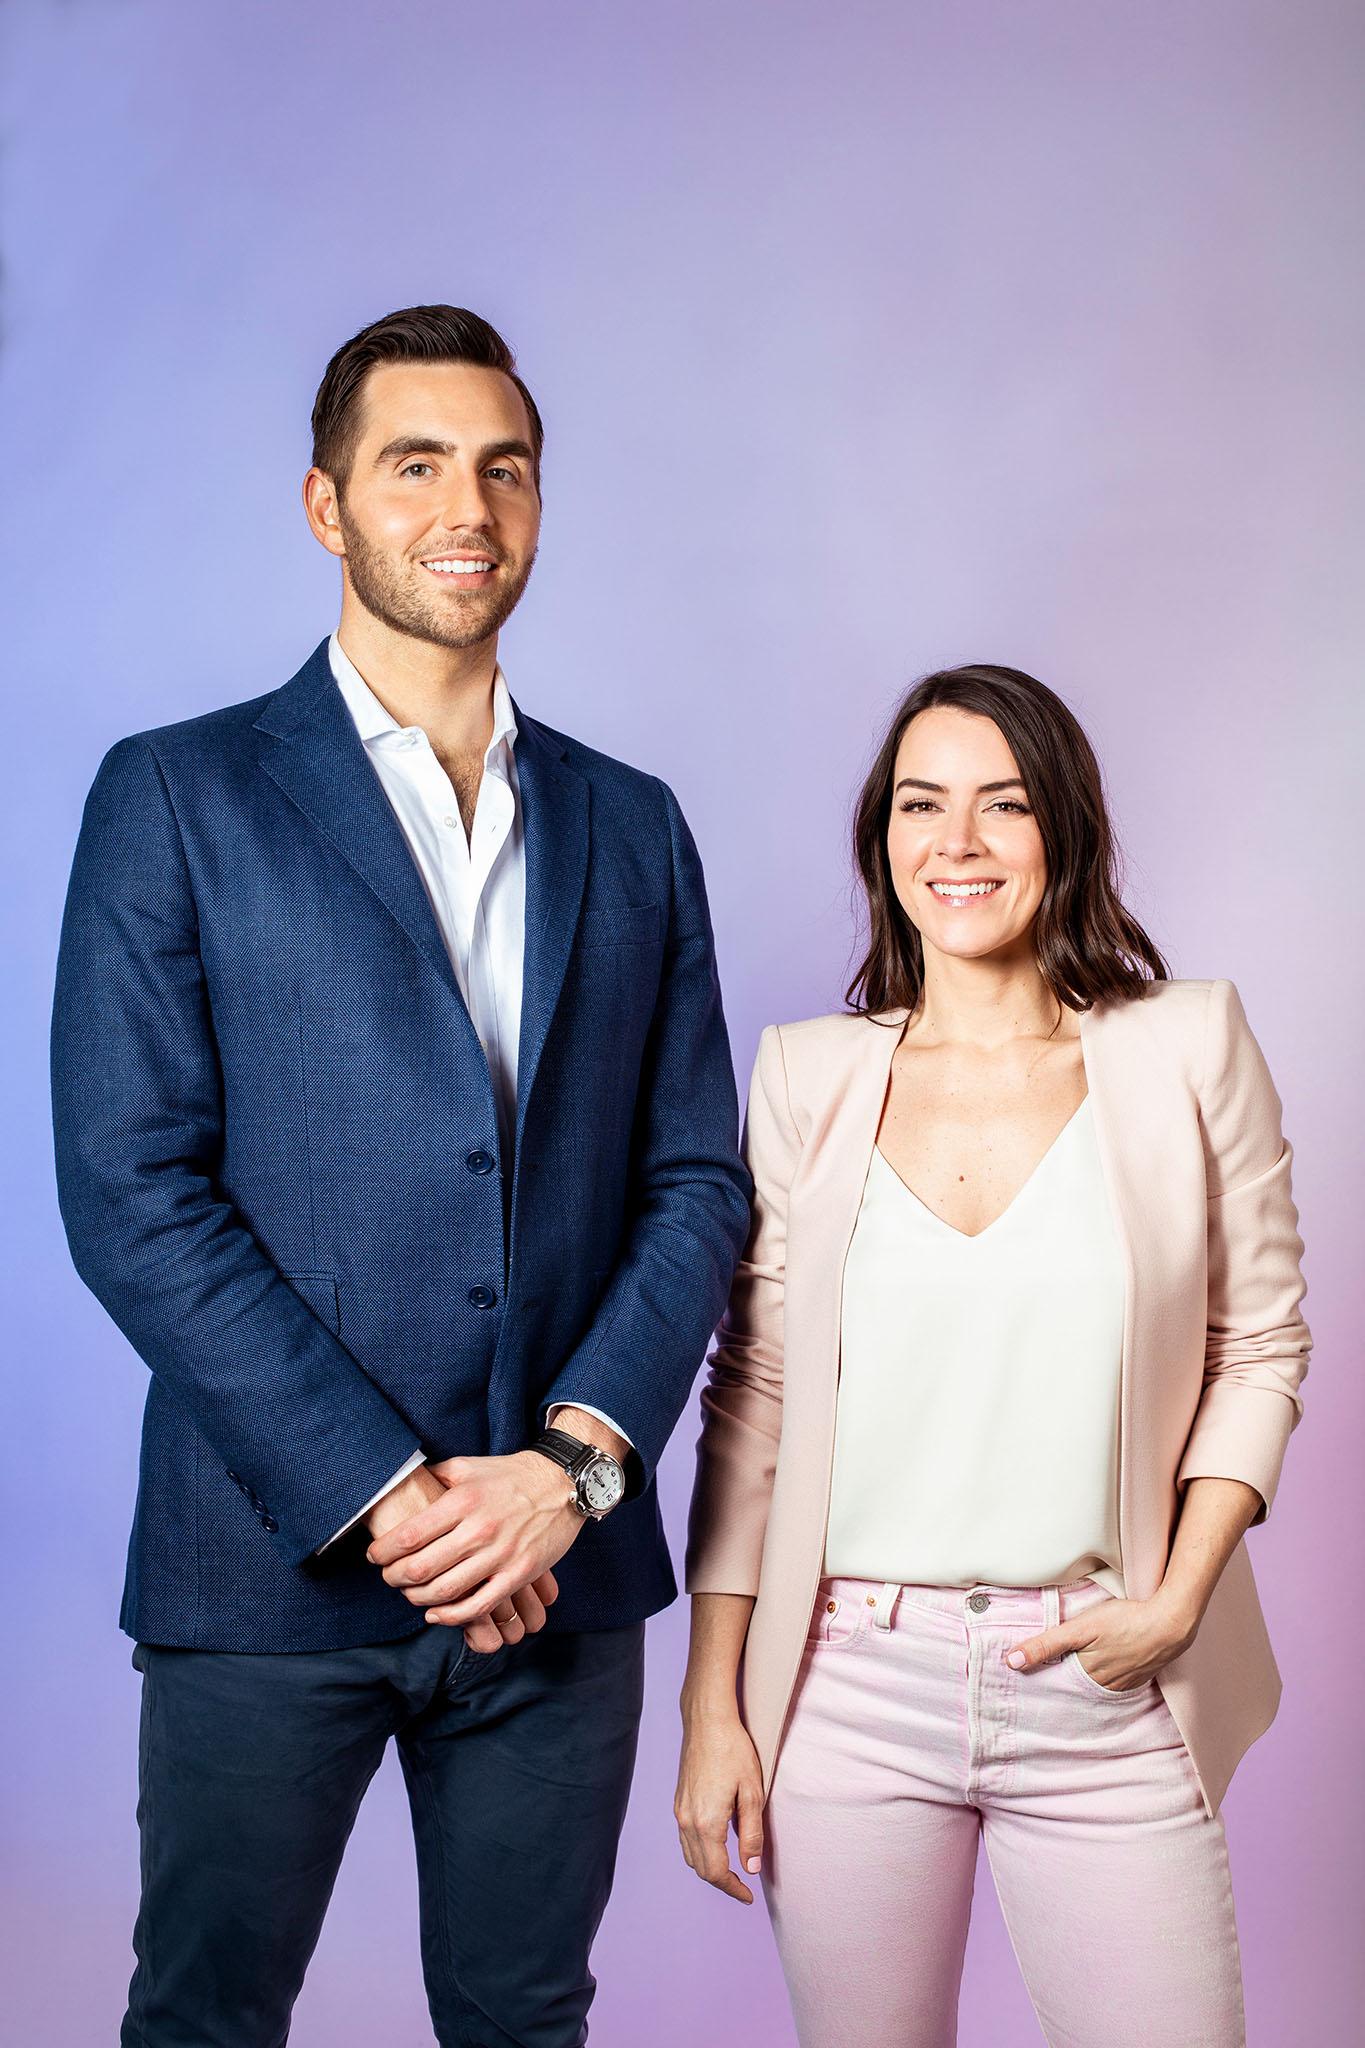 Mark Mullett and Ashley Mills